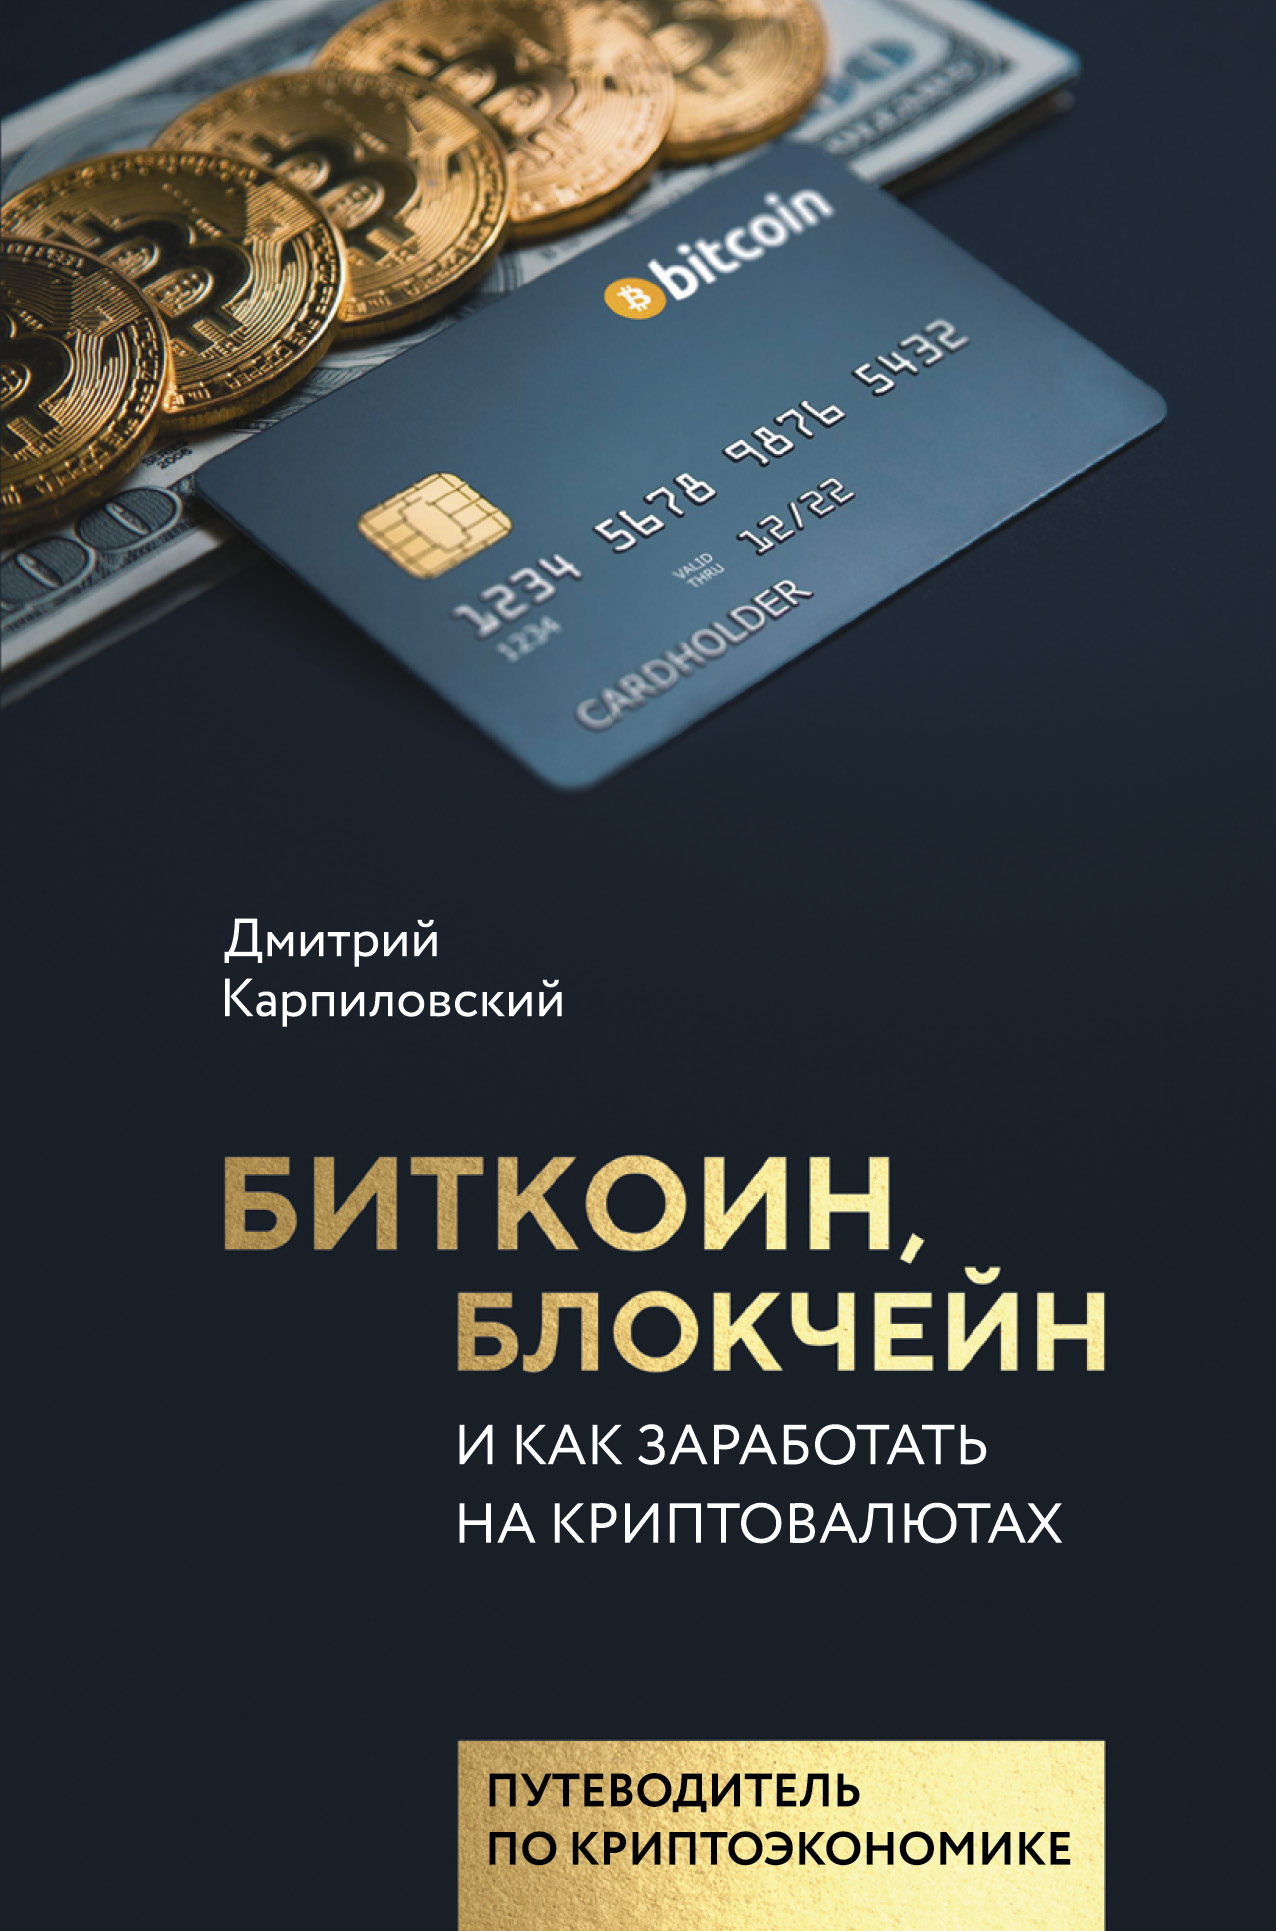 Дмитрий Карпиловский Биткоин, блокчейн и как заработать на криптовалютах